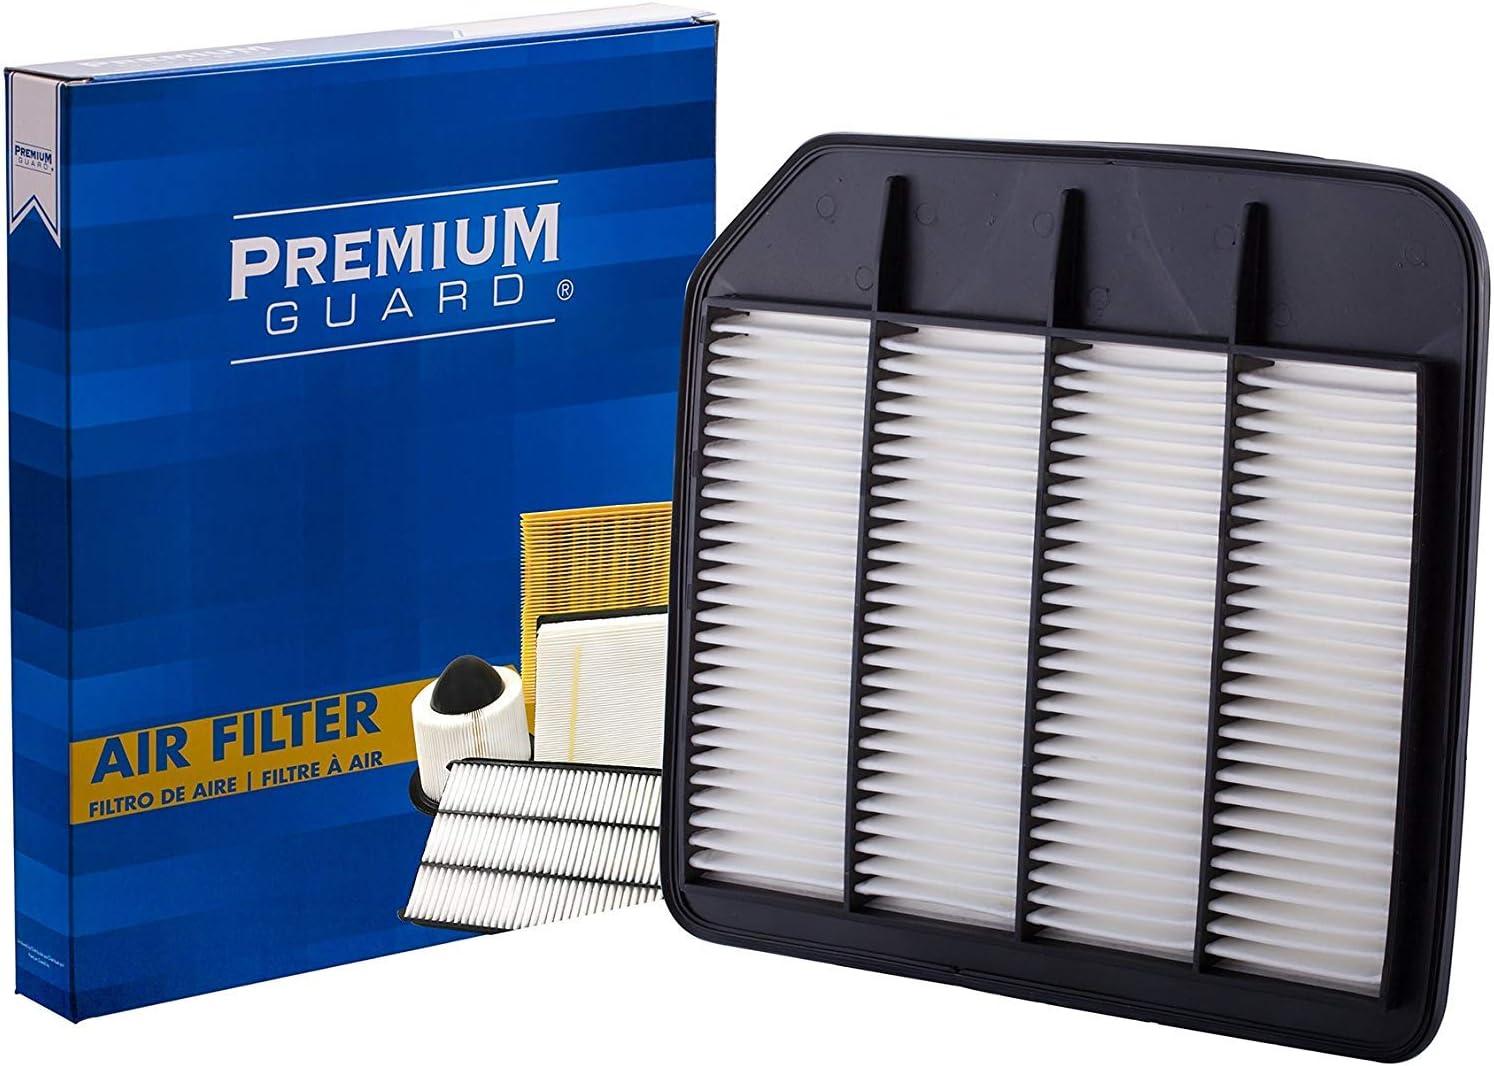 2017-20 Nissan Armada PG Air Filter PA9943 Fits 2014-20 Infiniti QX80 2011-13 Infiniti QX56